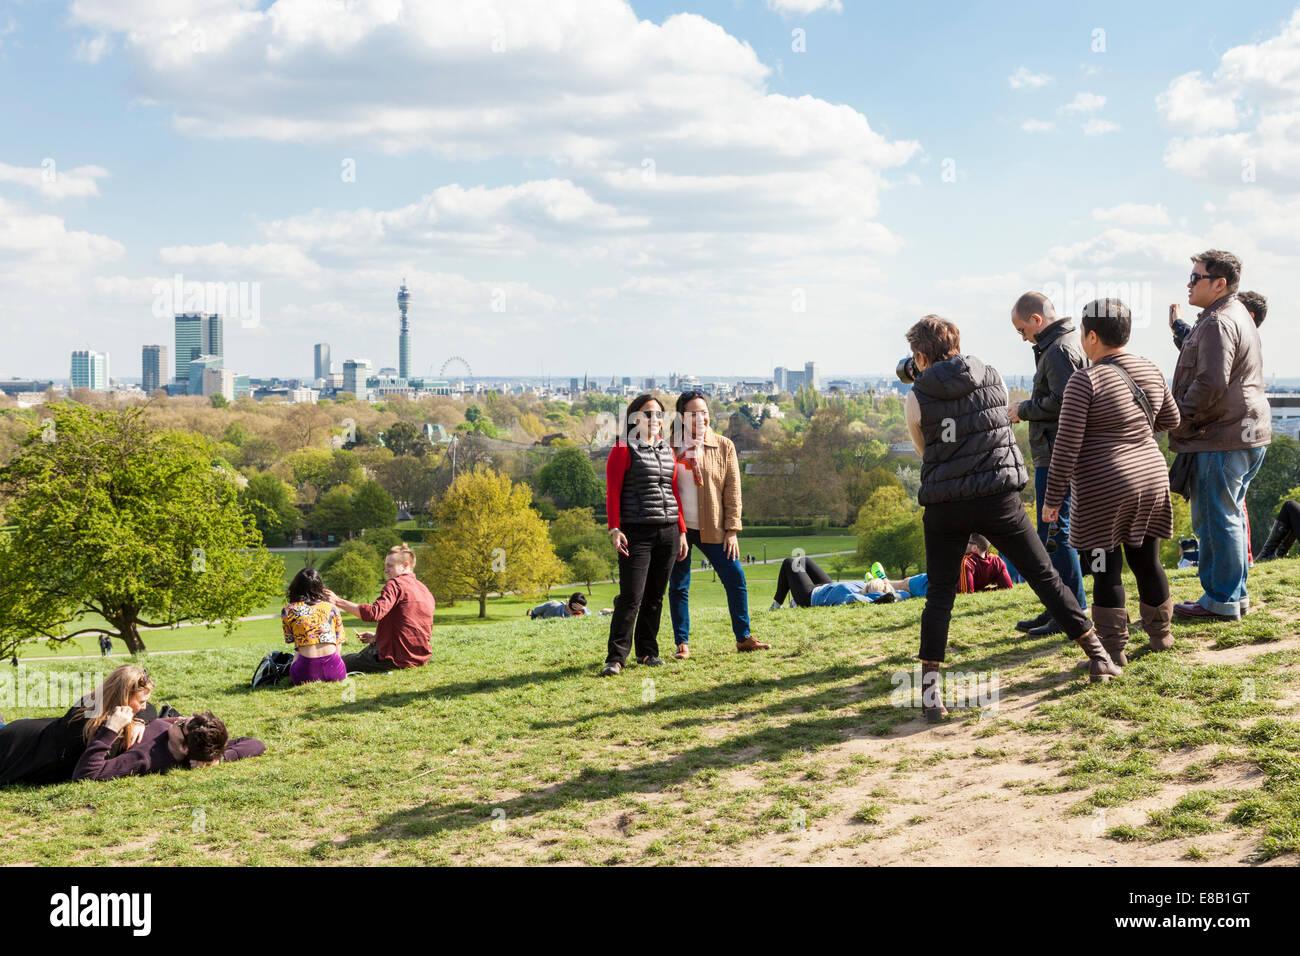 La gente fotografiando amigos de Primrose Hill con el horizonte de la ciudad de Londres en la distancia, Inglaterra, Imagen De Stock